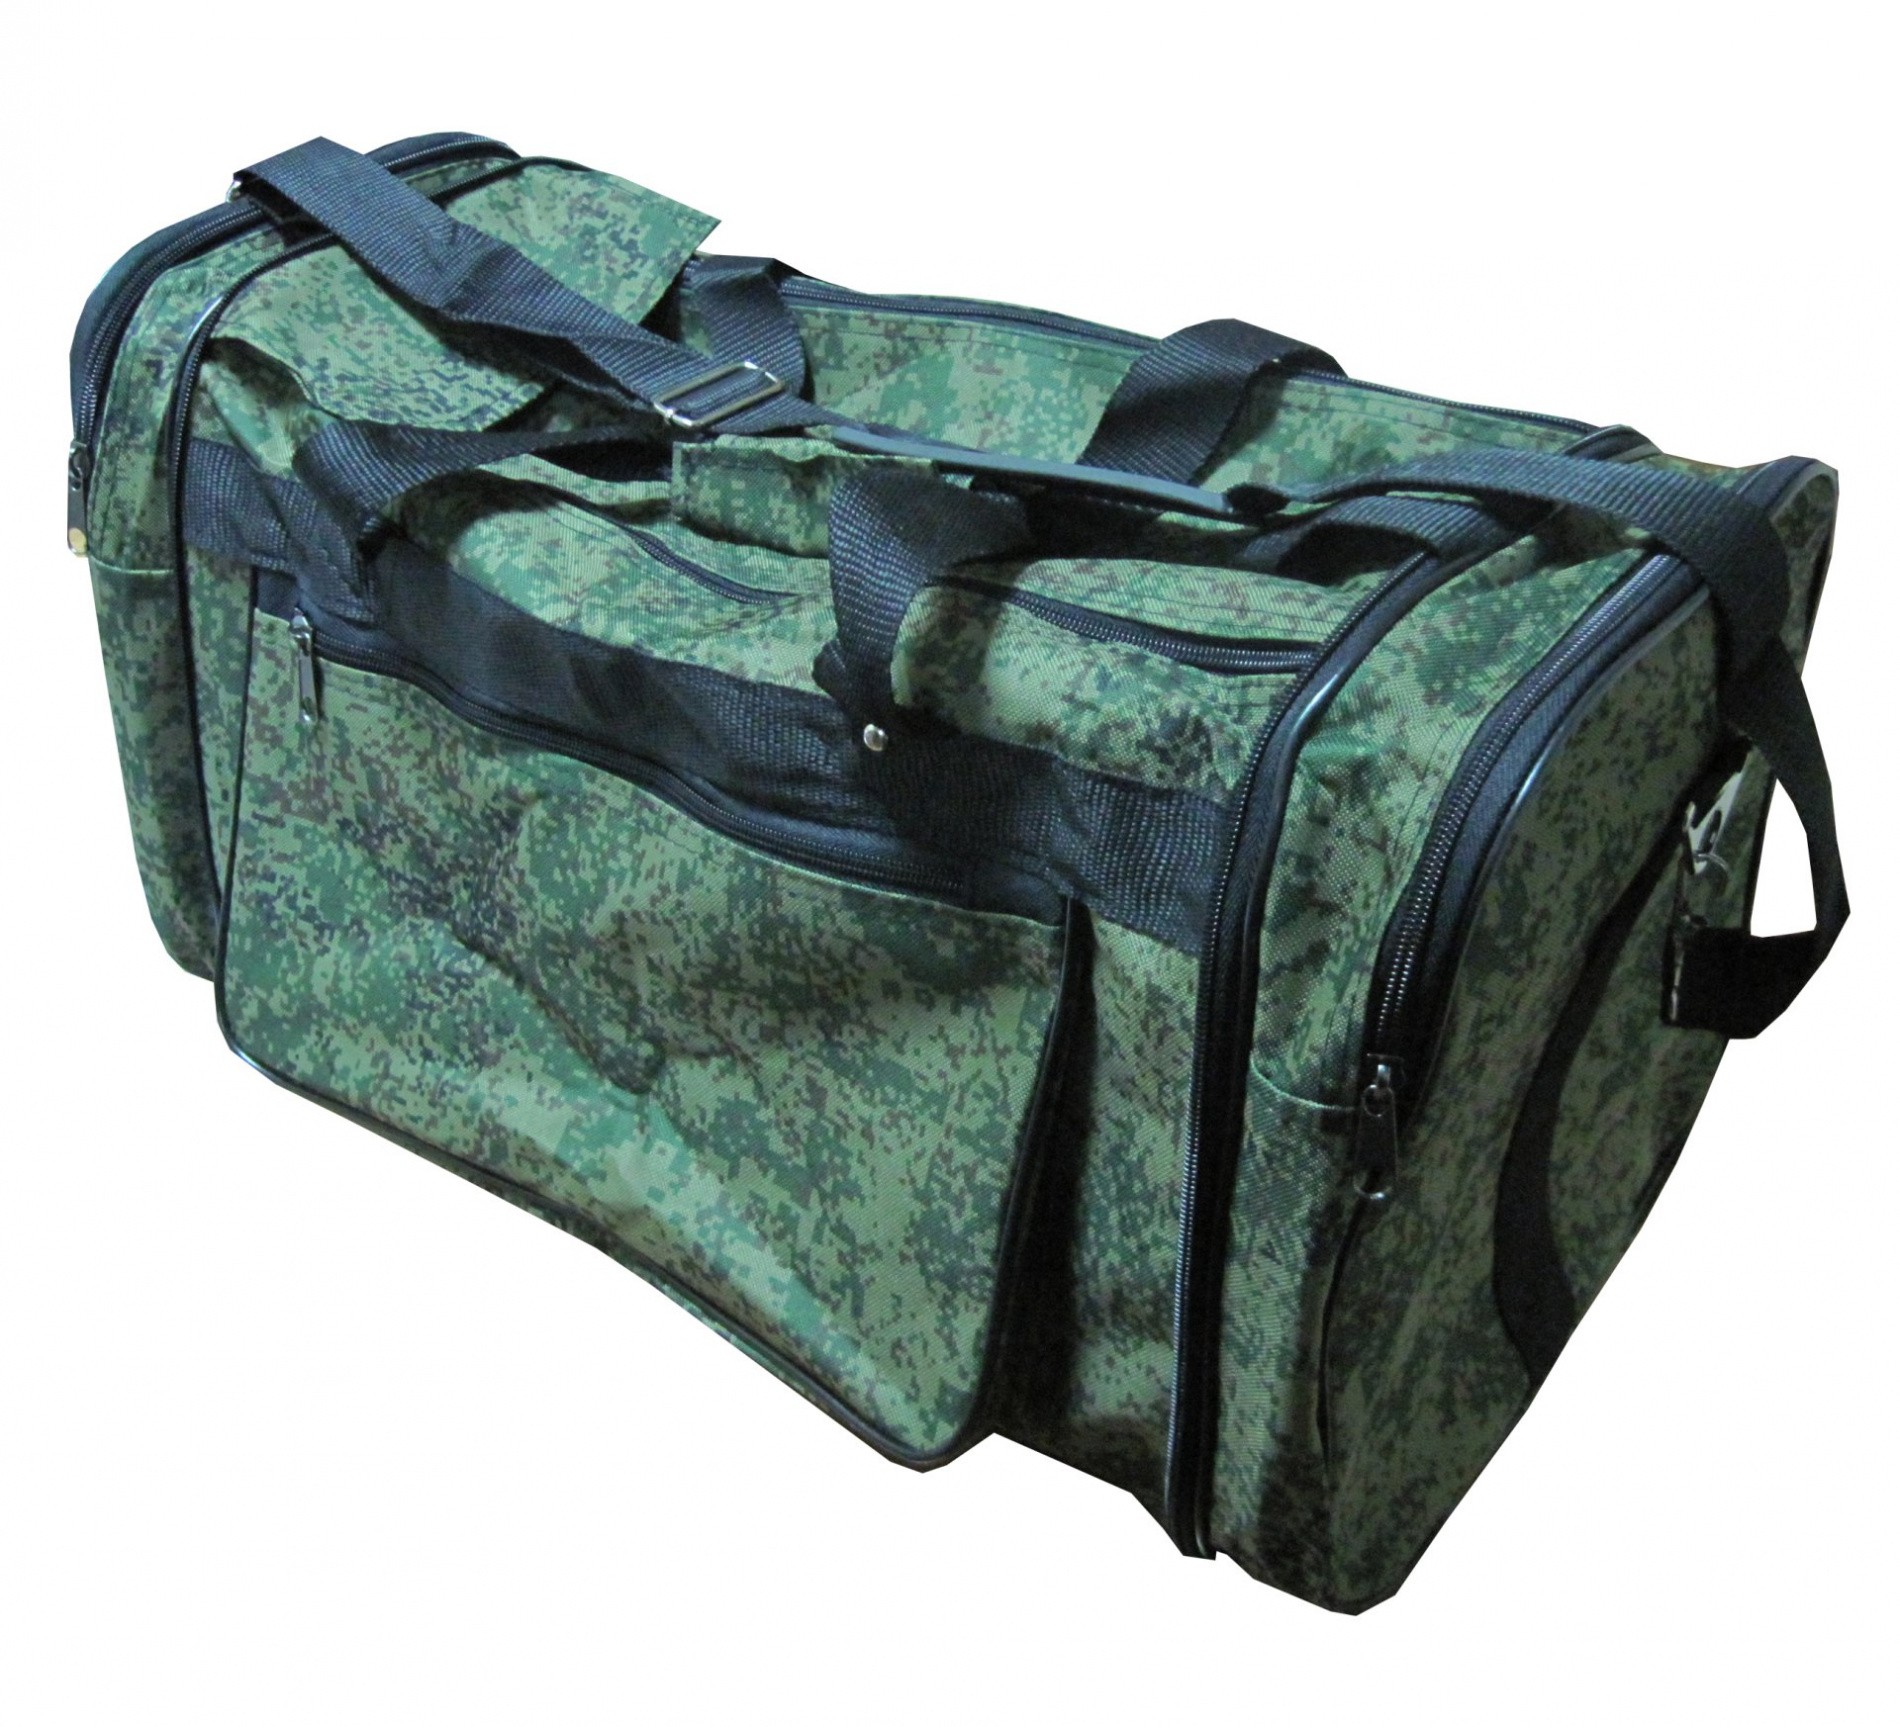 Сумка дорожная большая (Кострома)Сумки<br>Общие характеристики Тип Дорожная сумка <br>Тип конструкции Мягкий Число лямок 1<br>